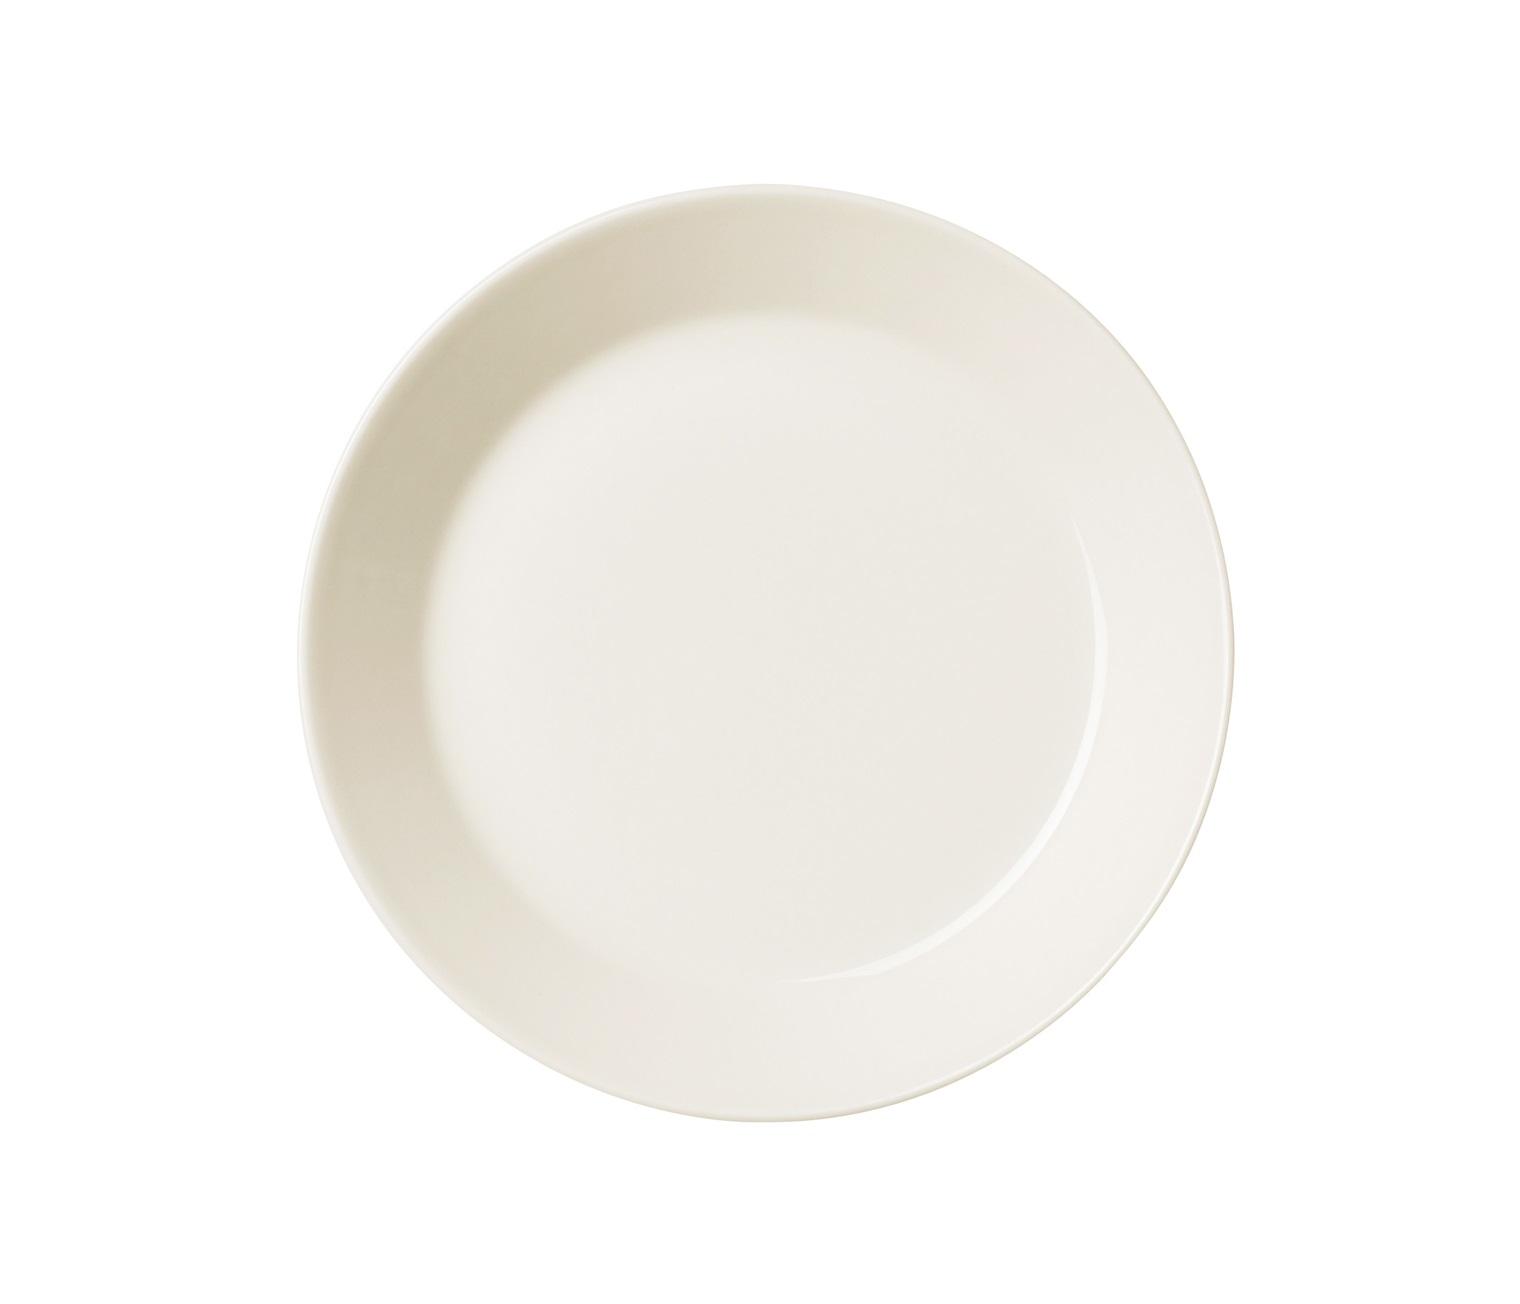 Тарелка TeemaТарелки<br>Teema - это классика дизайна Iittala, каждый продукт имеет чёткие геометрические формы: круг, квадрат и прямоугольник. Как говорит Кай Франк: «Цвет является единственным украшением». Посуда серии Teema является универсальной, её можно комбинировать с любой серией Iittala. Она практична и лаконична.<br><br>Material: Фарфор<br>Length см: None<br>Width см: None<br>Depth см: None<br>Height см: 2<br>Diameter см: 14